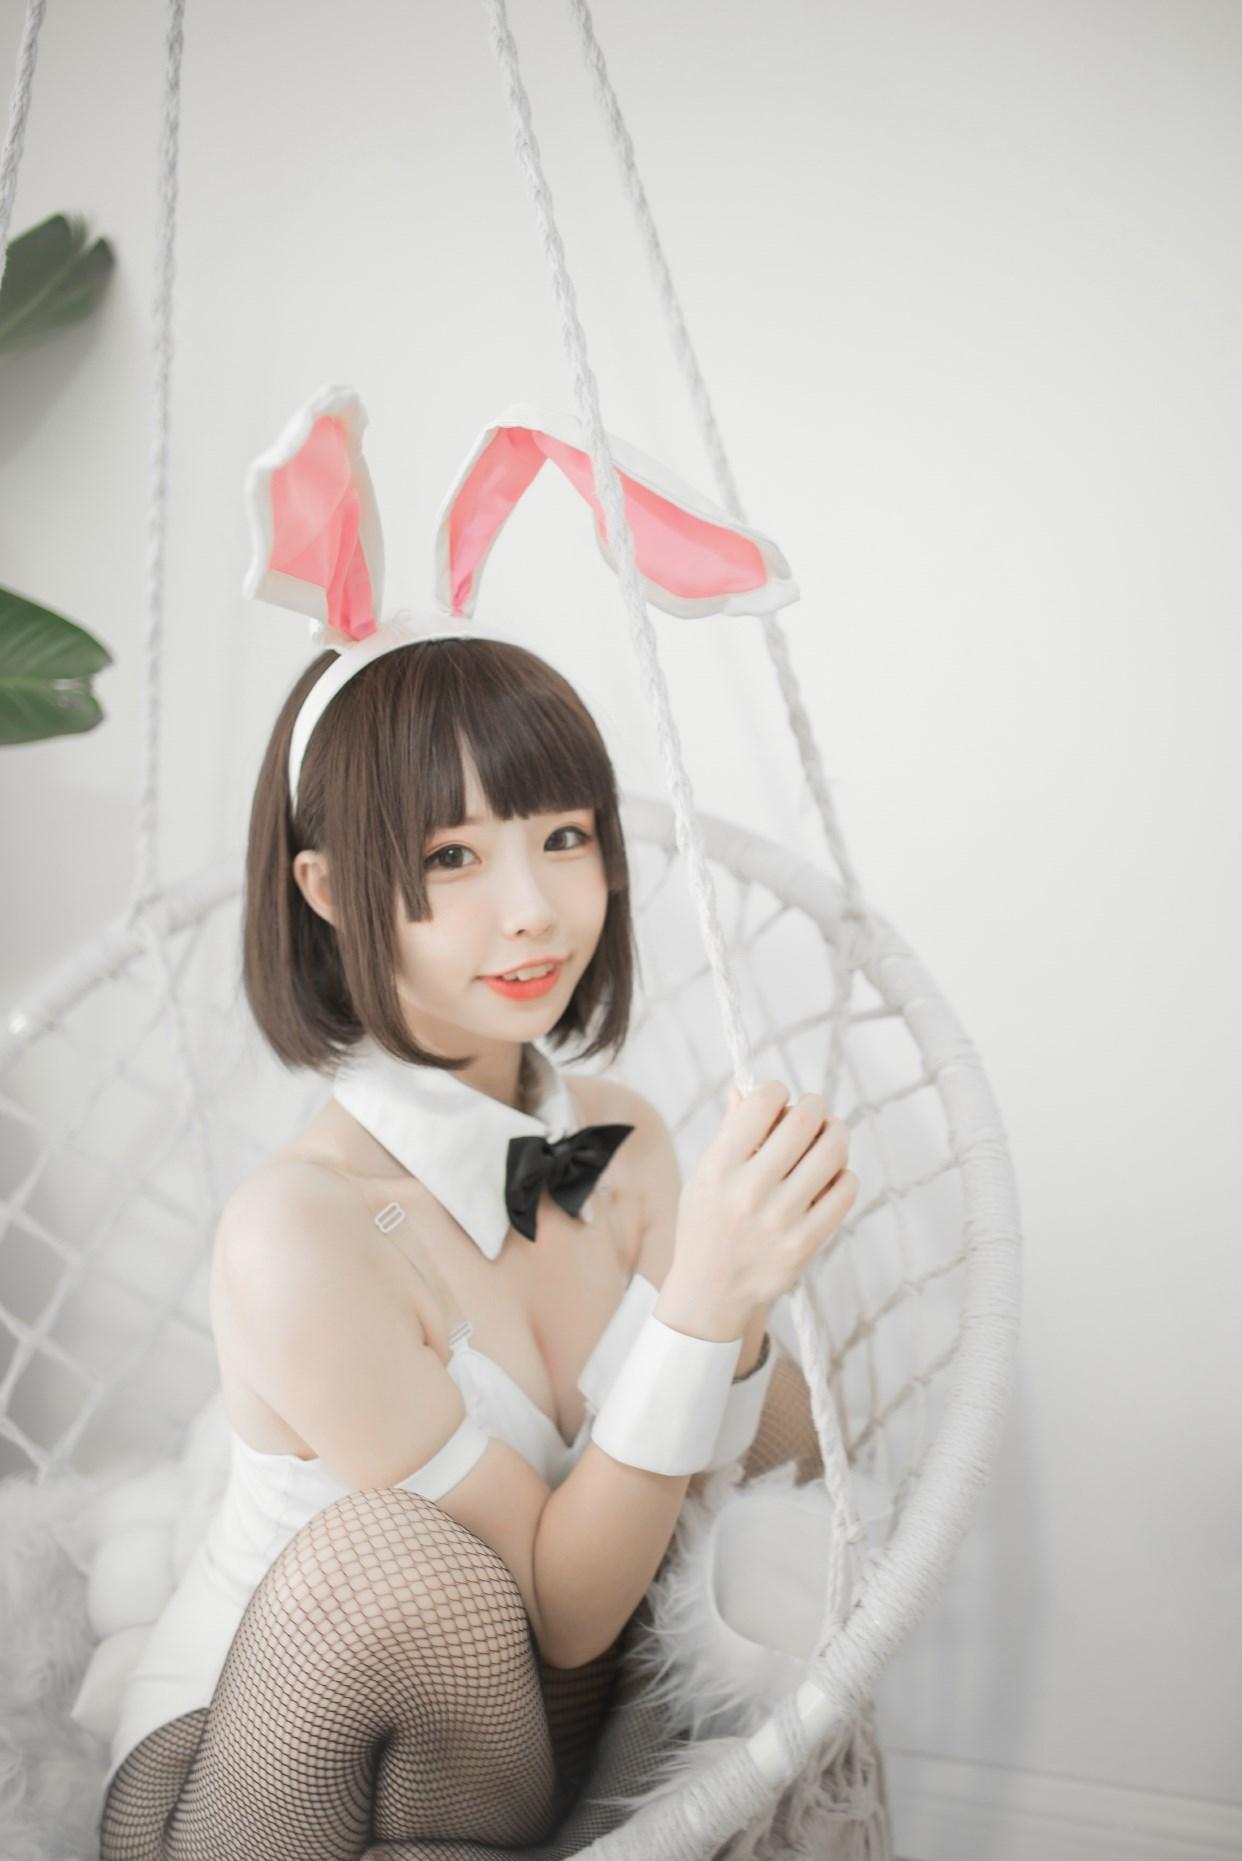 【兔玩映画】兔女郎vol.22-萝莉 兔玩映画 第17张